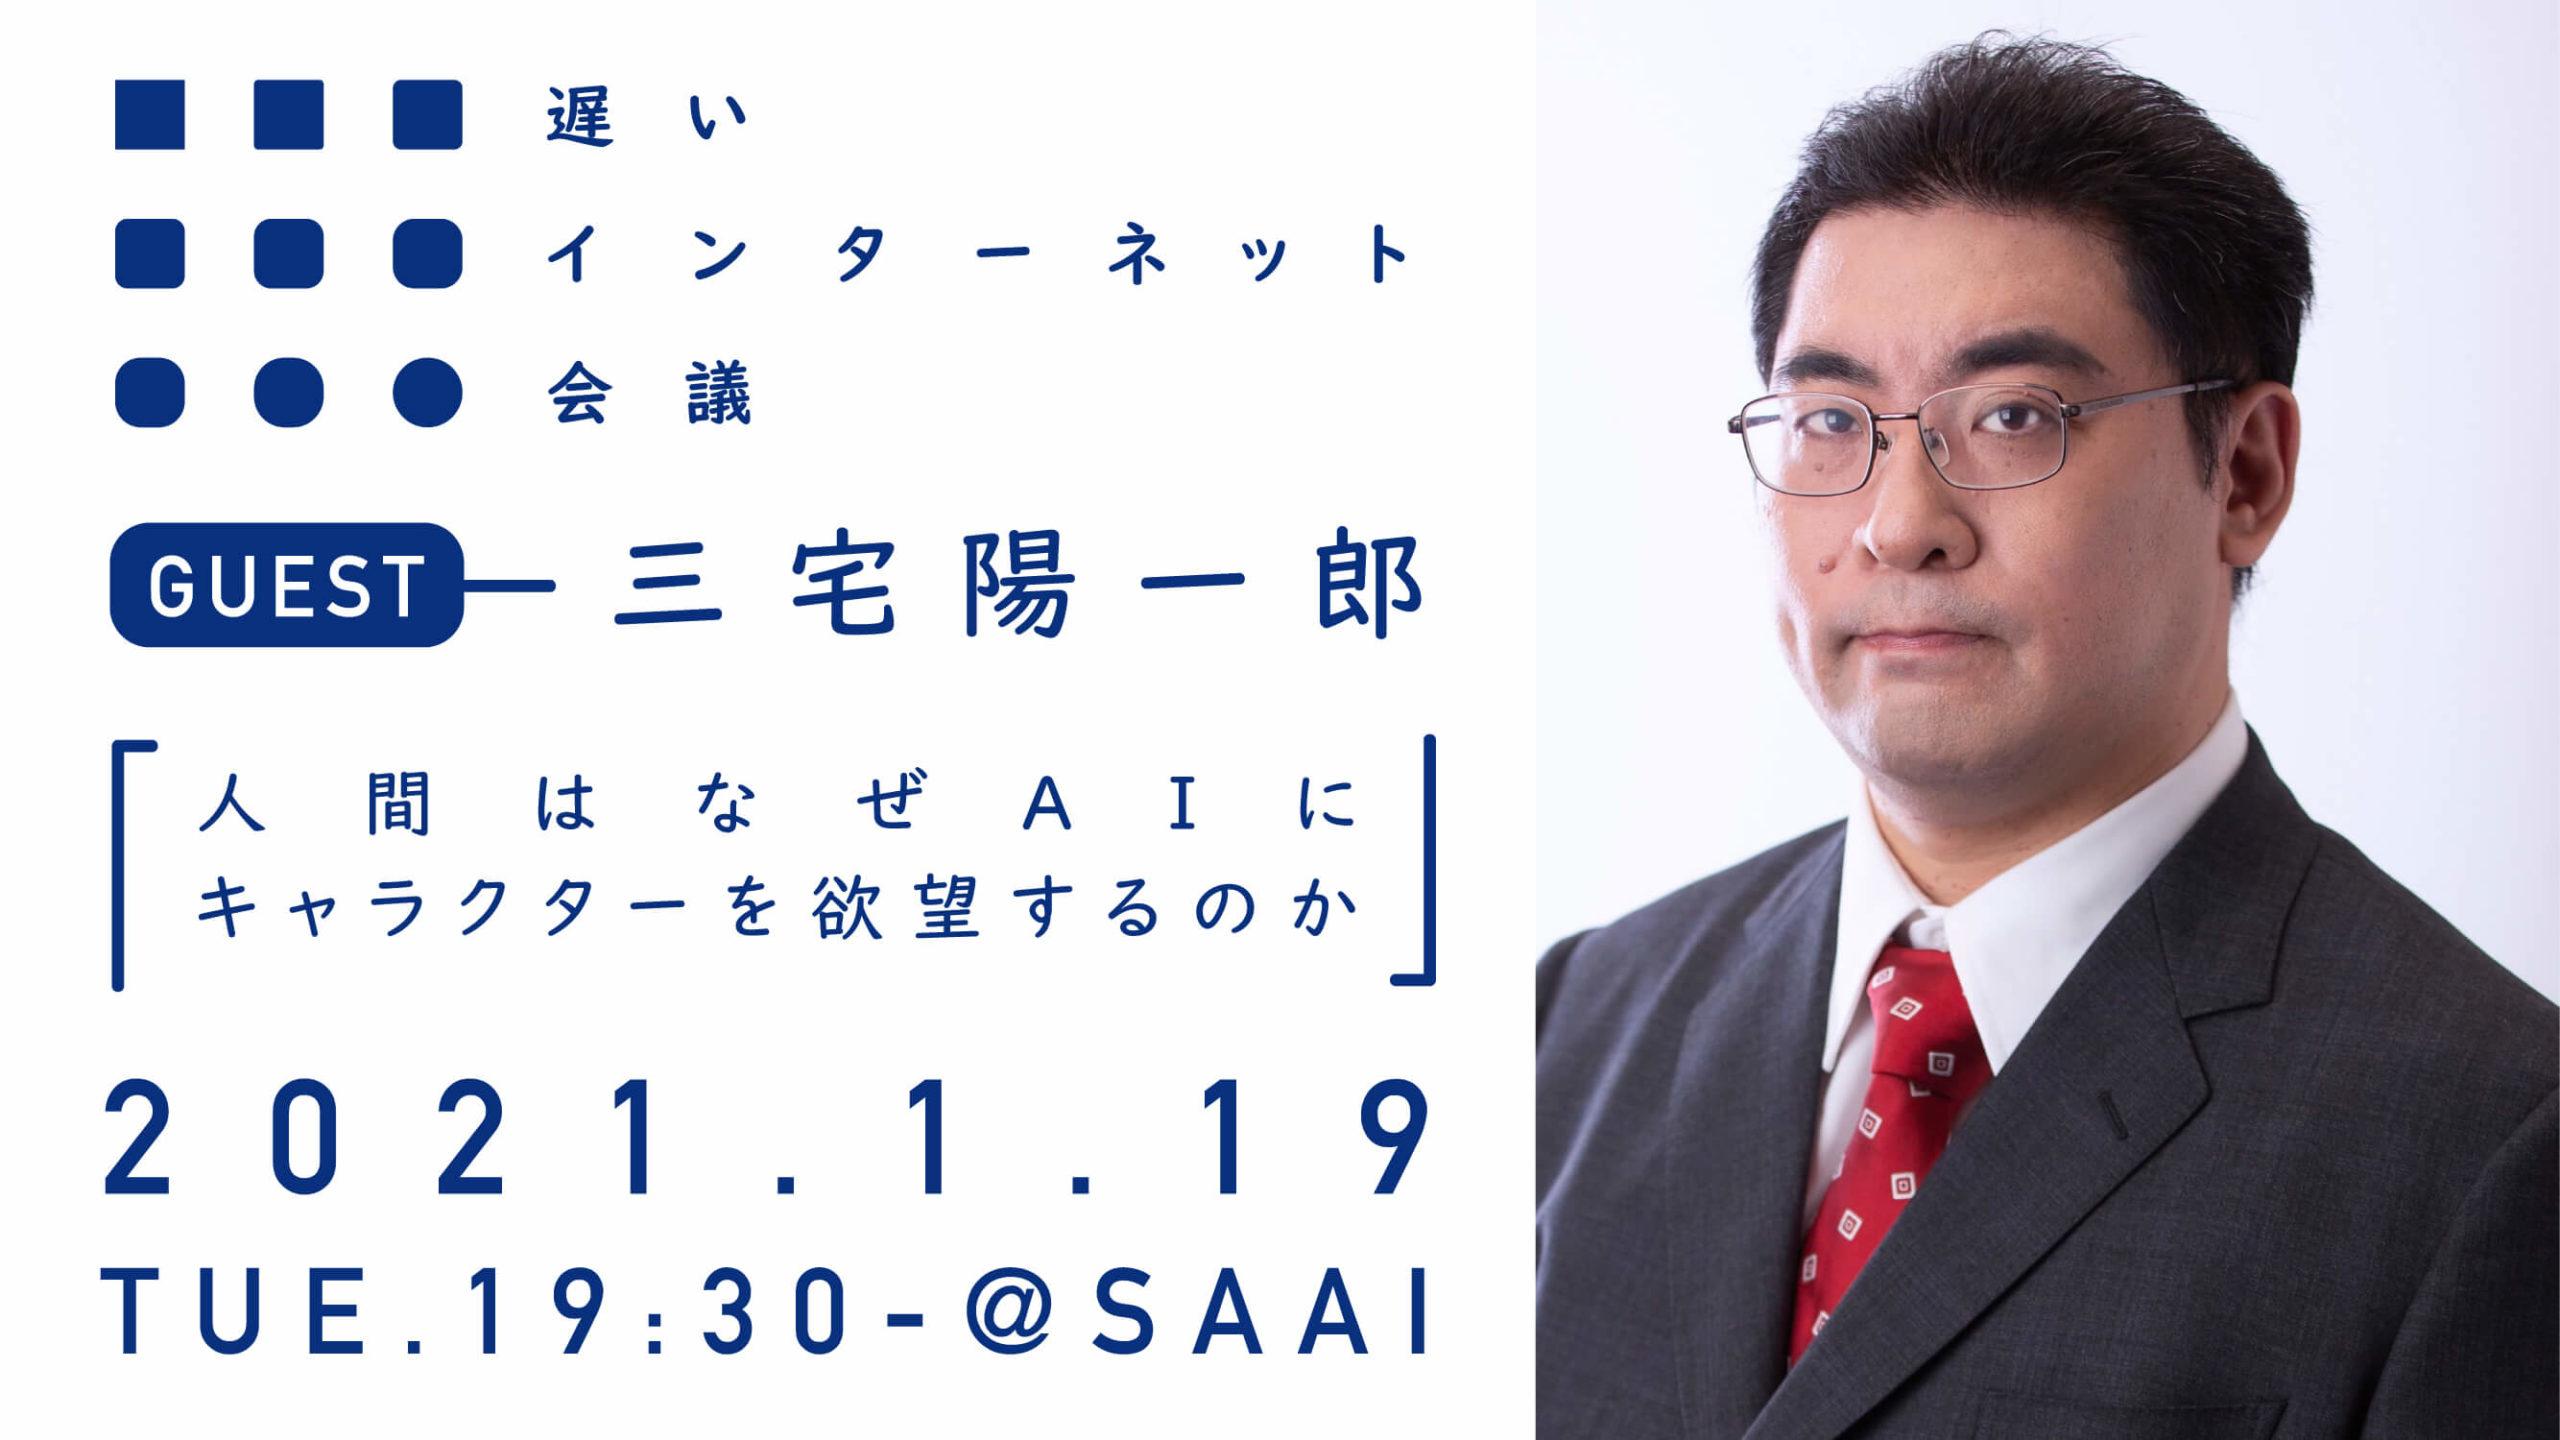 【遅いインターネット会議】ゲスト:三宅陽一郎さん「人間はなぜAIにキャラクターを要望するのか」